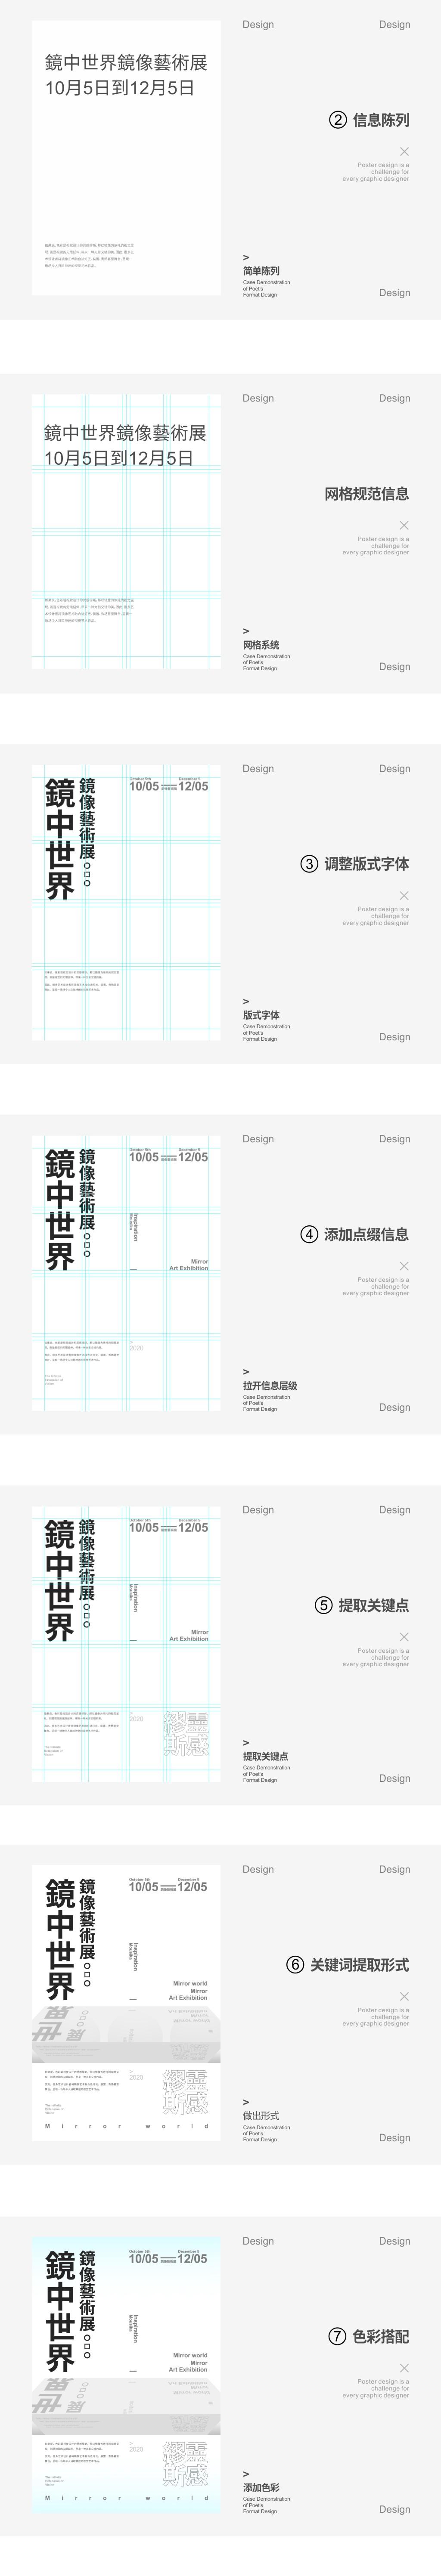 设计师在设计中如何选择合适的字体,PS教程,思缘教程网